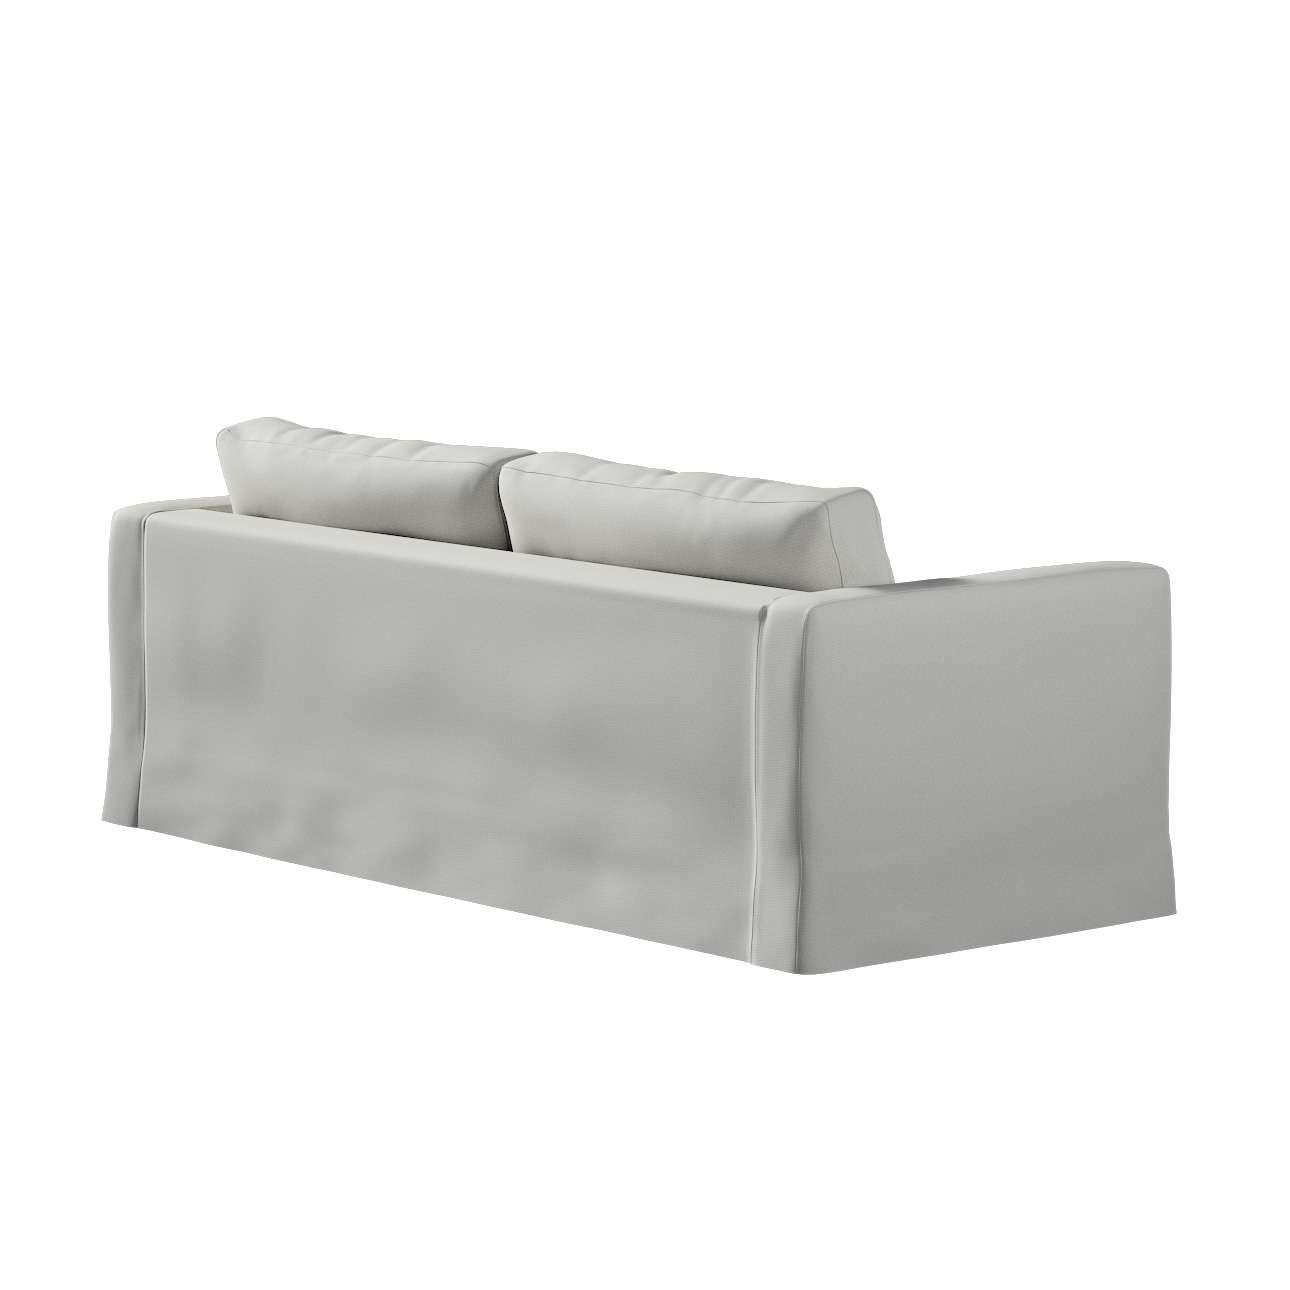 Potah na pohovku IKEA  Karlstad 3-místná, nerozkládací, dlouhý v kolekci Etna, látka: 705-90